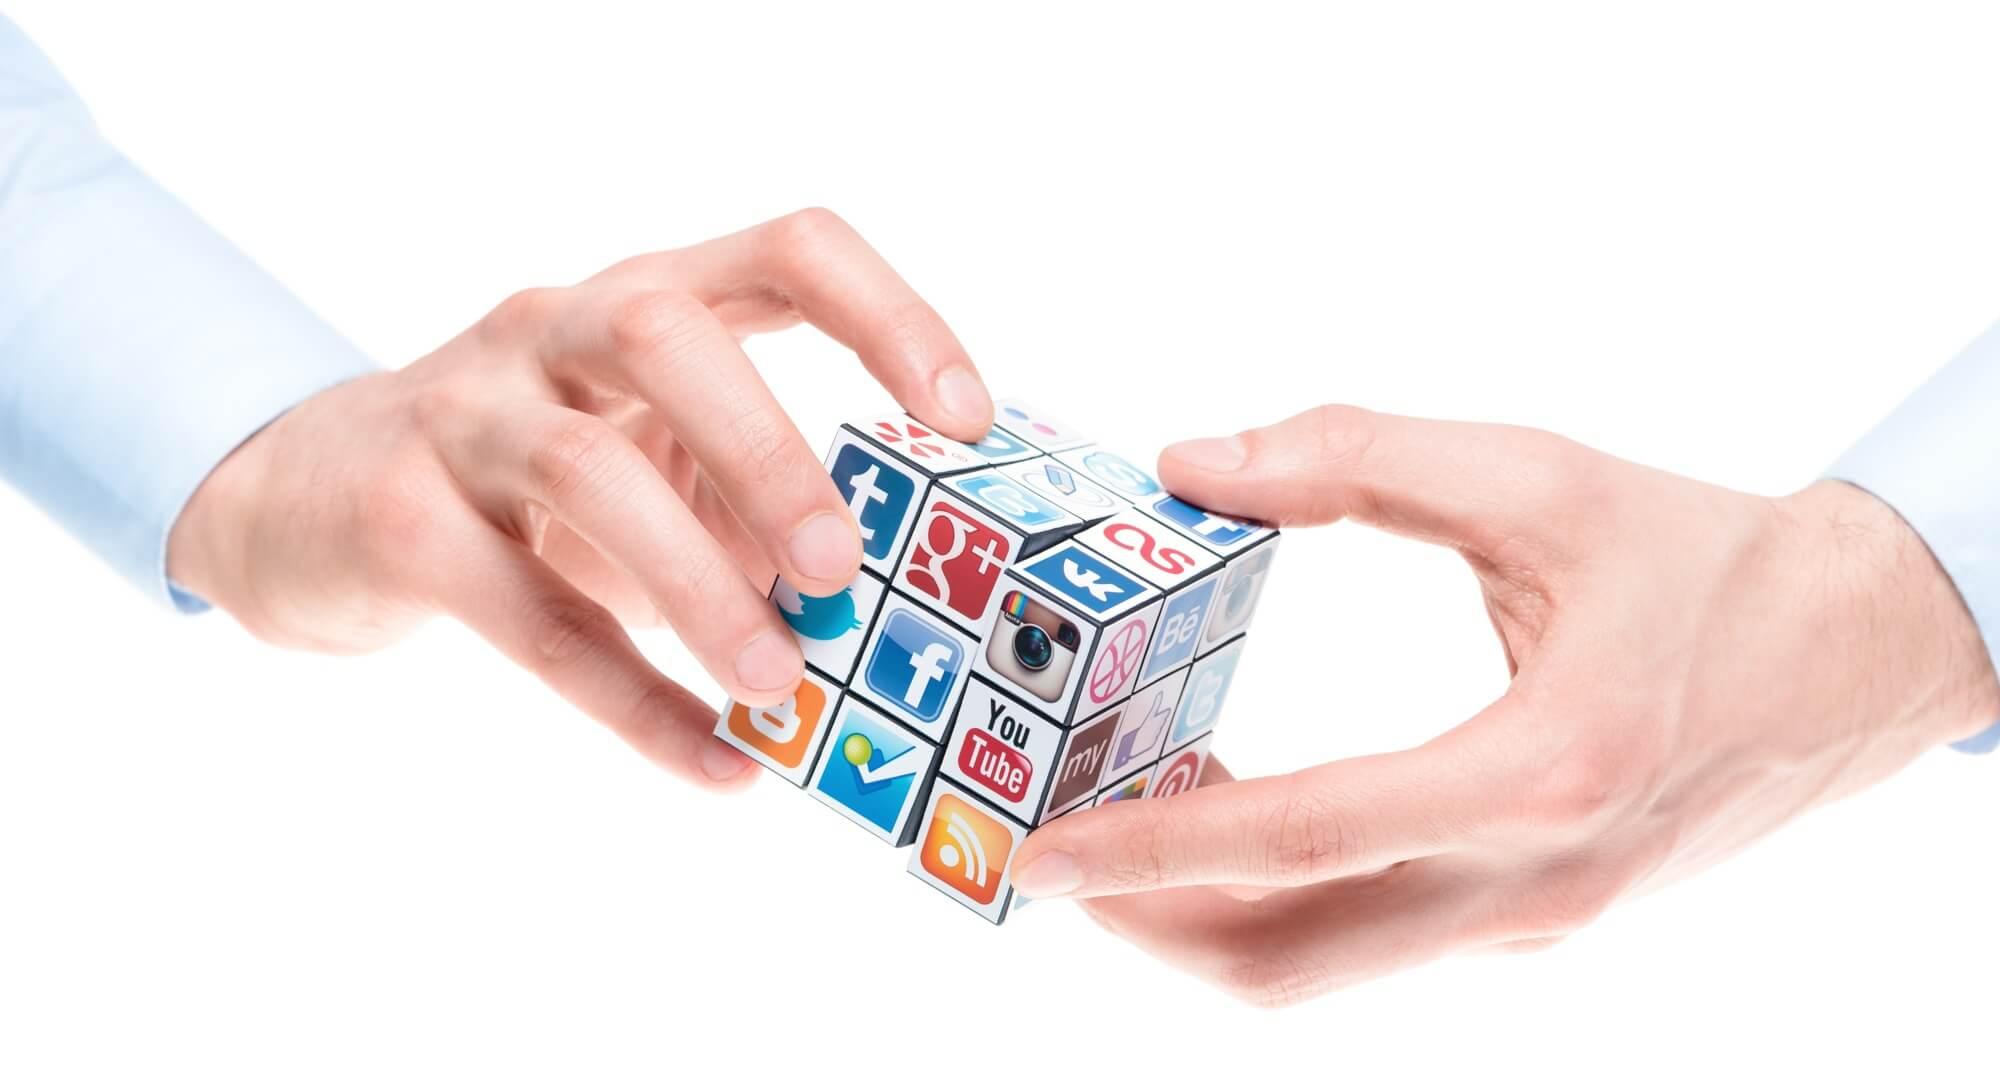 PR og sociale medier på den nye måde